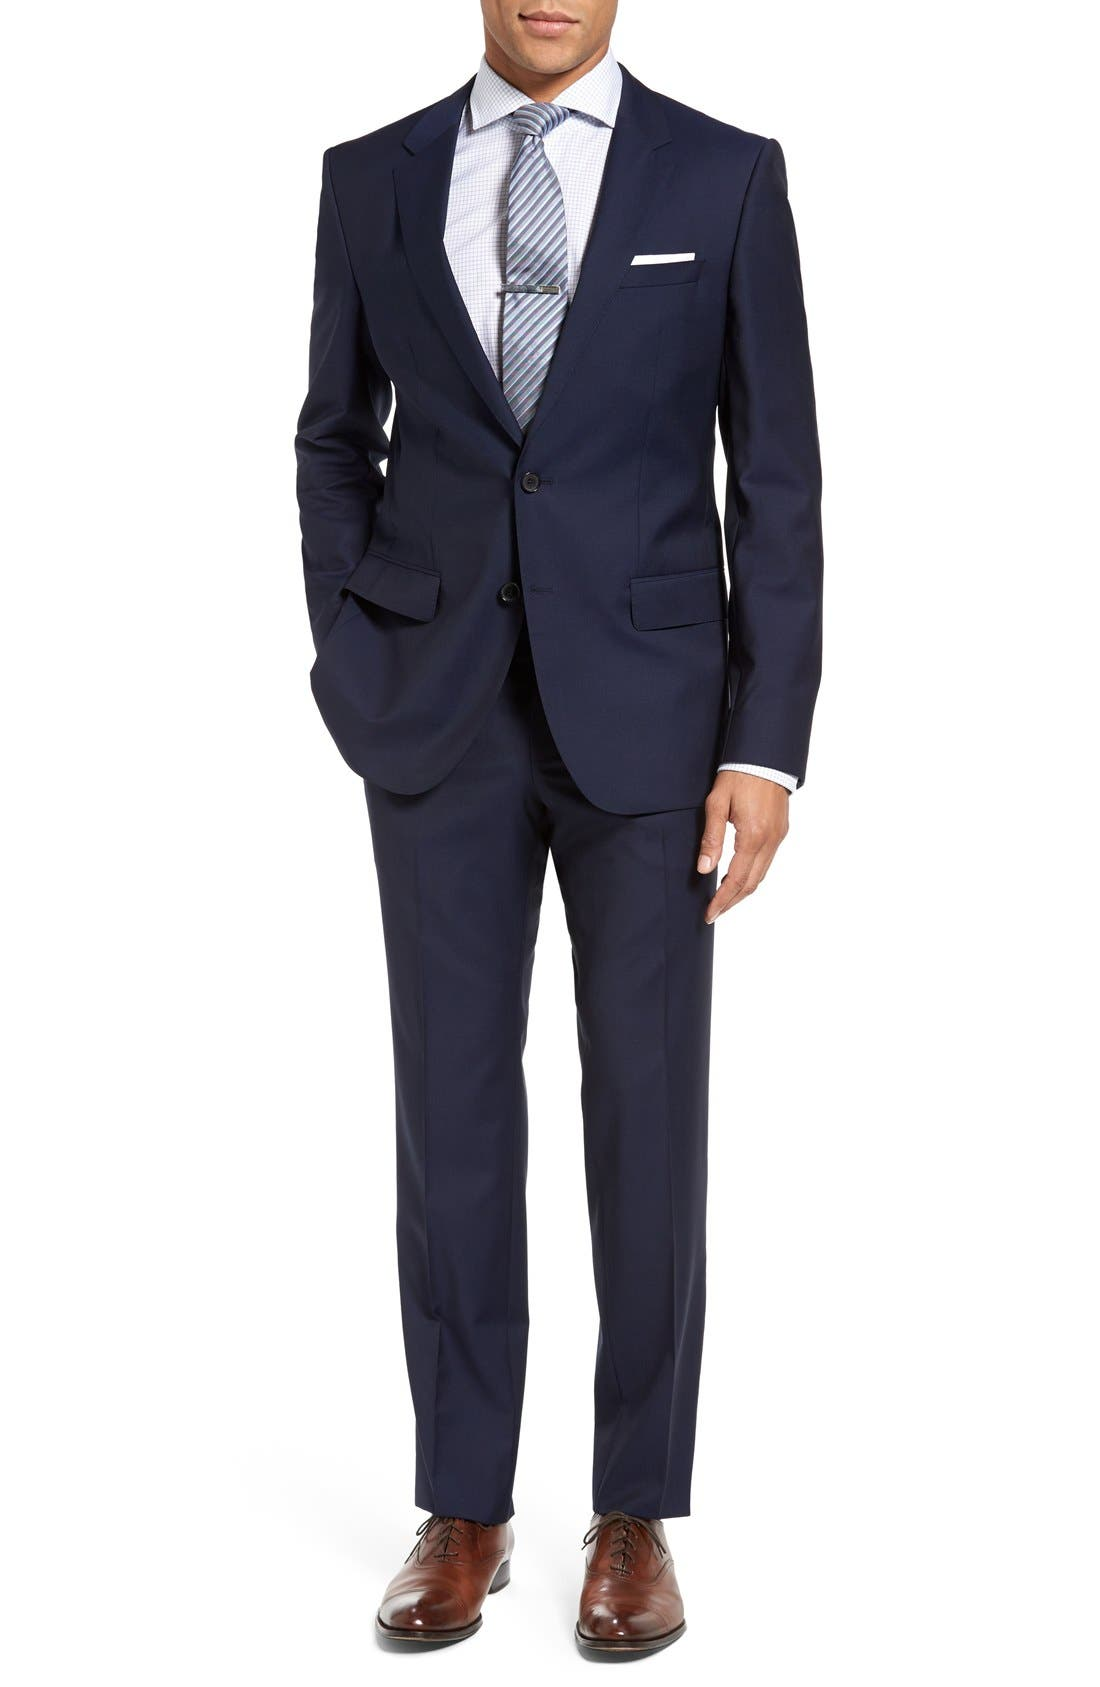 Alternate Image 1 Selected - BOSS Huge/Genius Trim Fit Navy Wool Suit